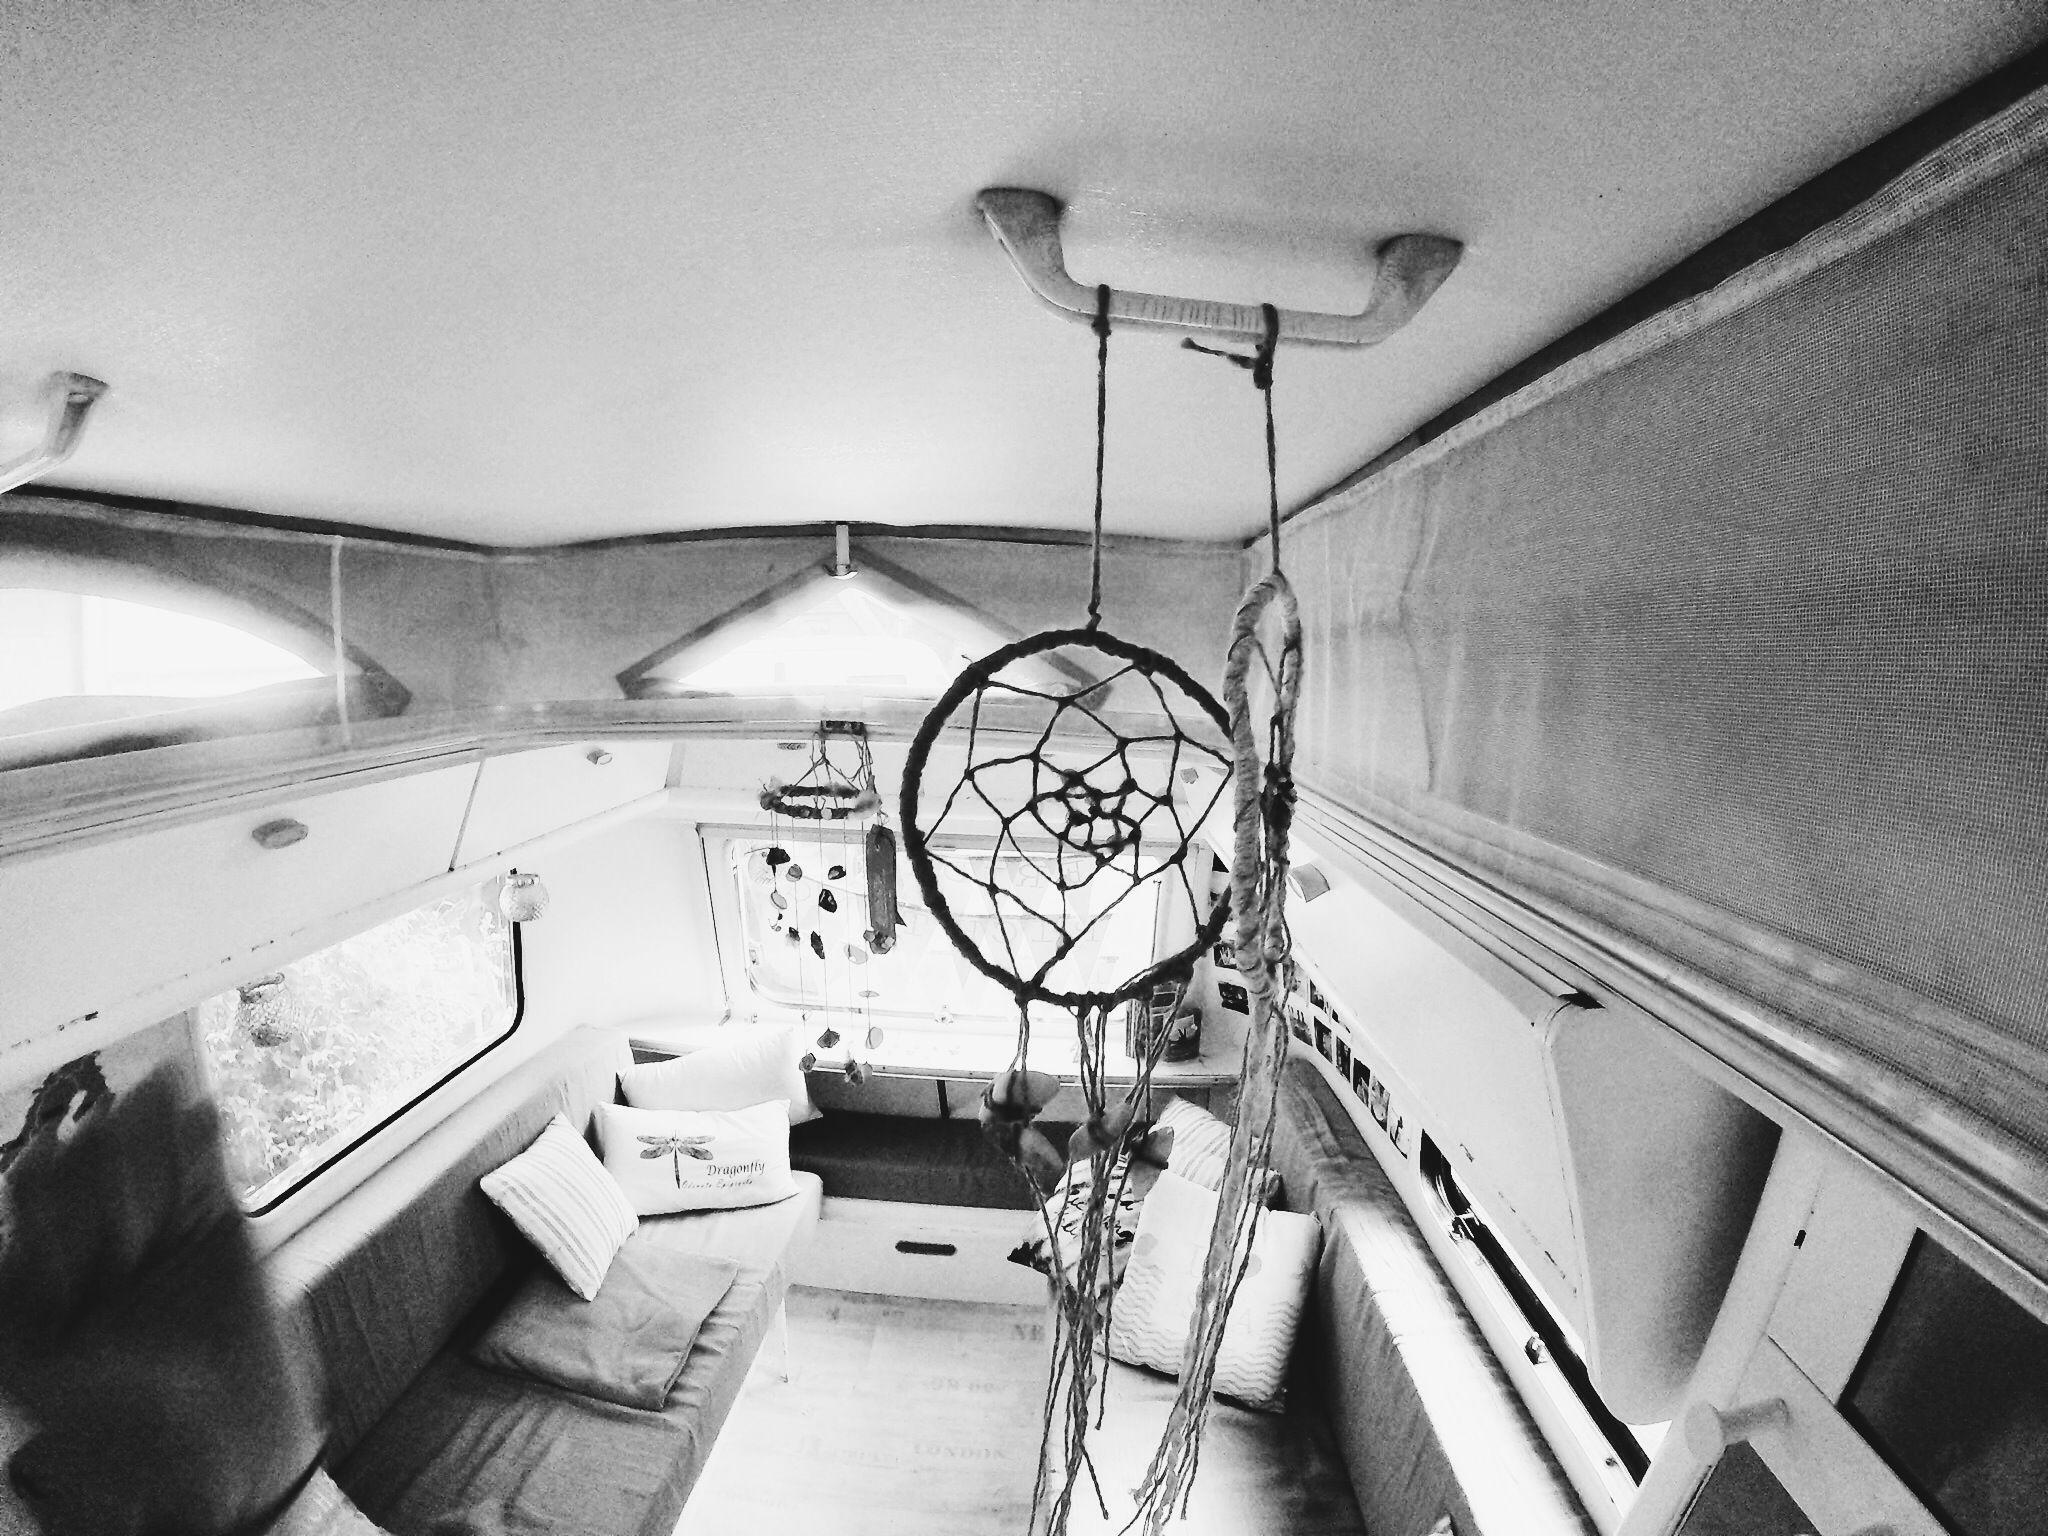 Traumfänger in dem kleinen Kultwohnwagen. #eribapuck #trailerinterior #reisen #travel #dreamcatcher #diy